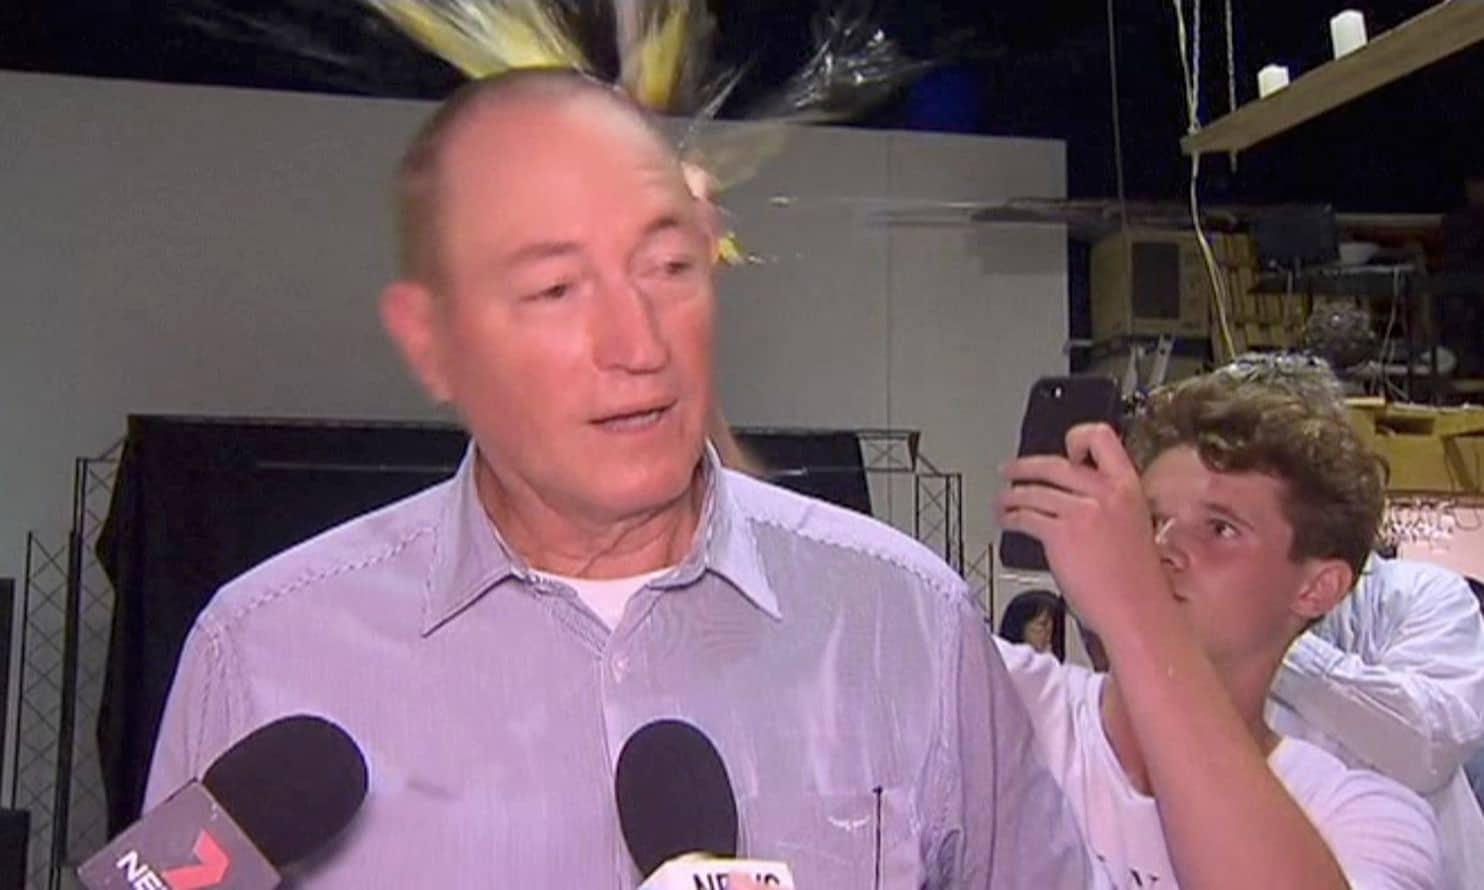 VIDEO: Adolescente golpea con un huevo en la cabeza a senador islamofóbico luego del atentado en Nueva Zelanda